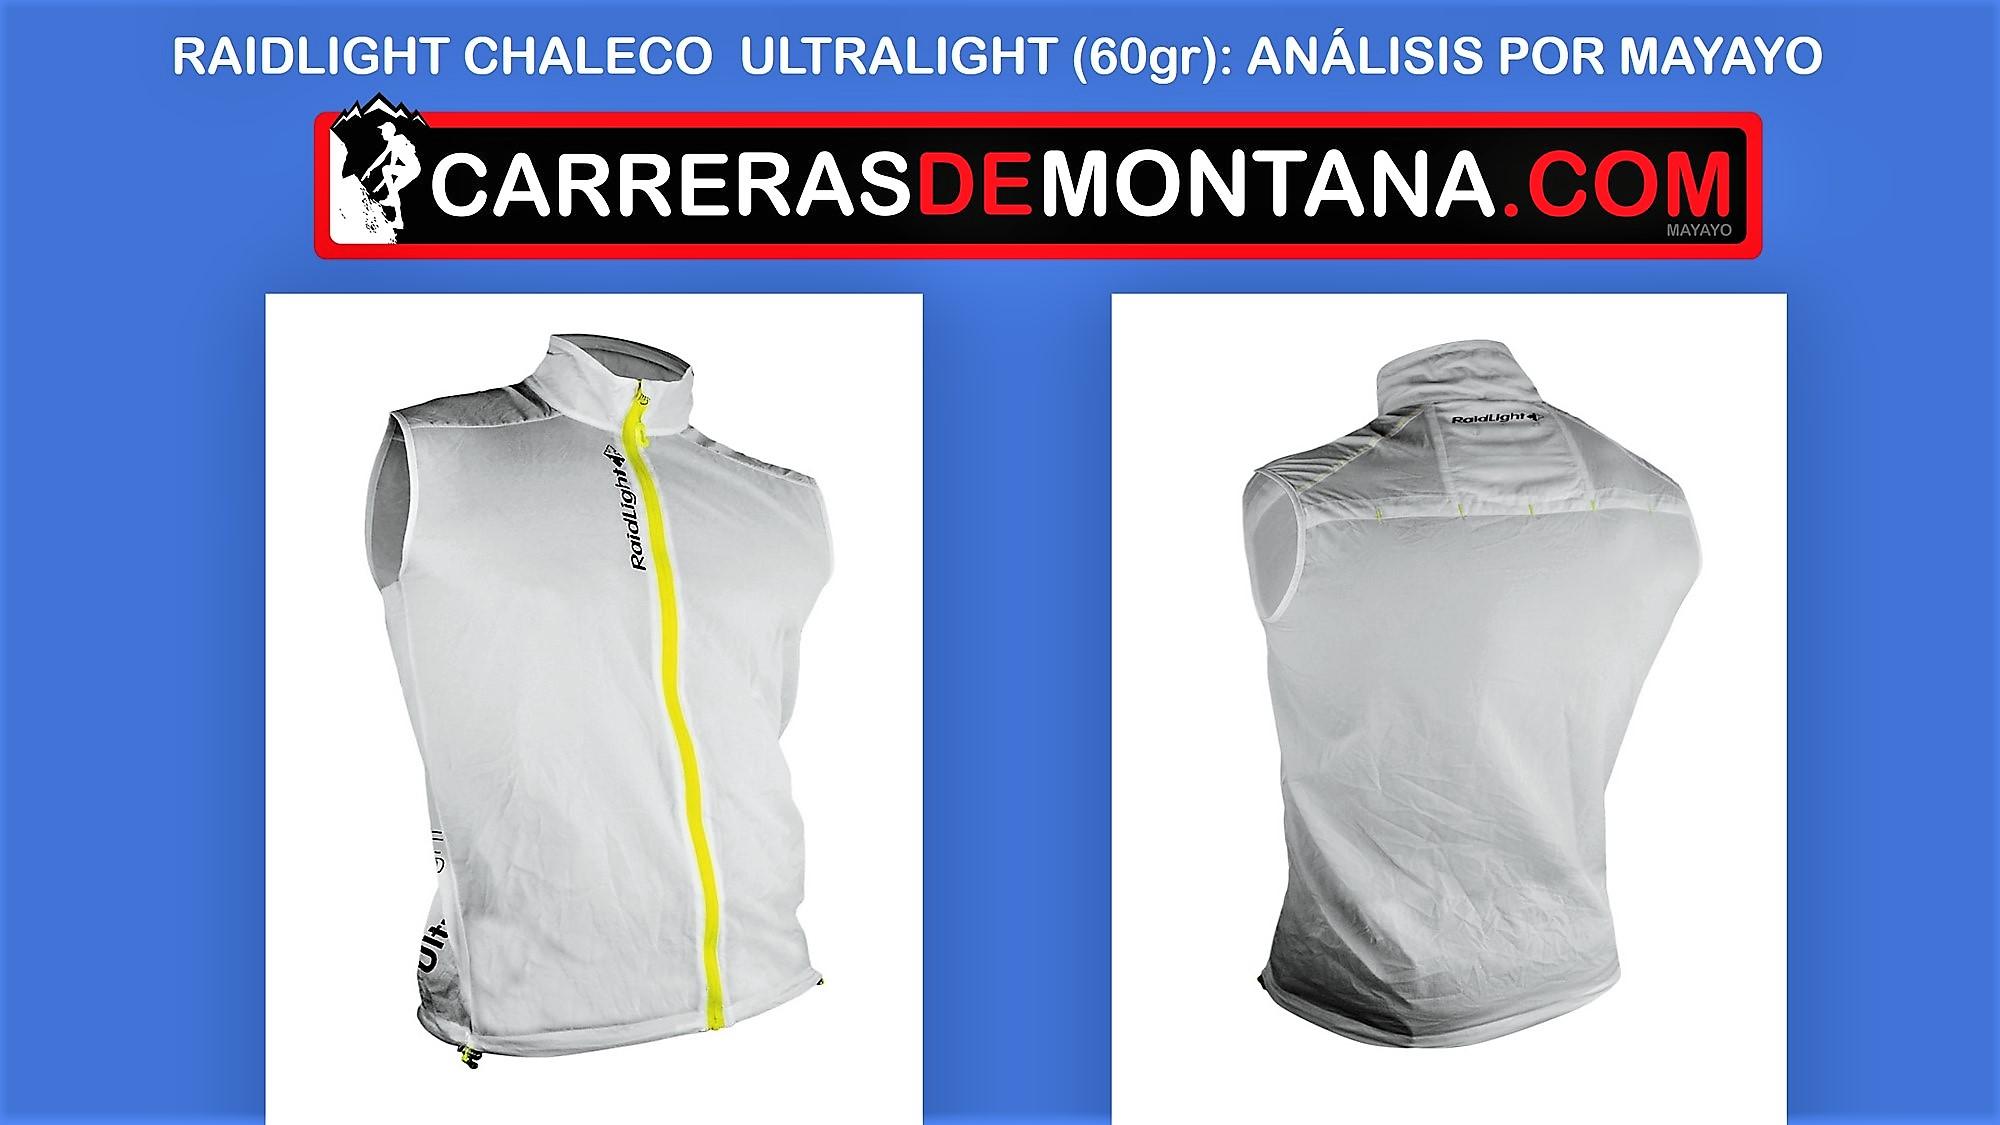 Raidlight Chaleco Ultralight (60gr): Ligero y compacto, para casi todo. Análisis técnico y más novedades Raidlight por Mayayo